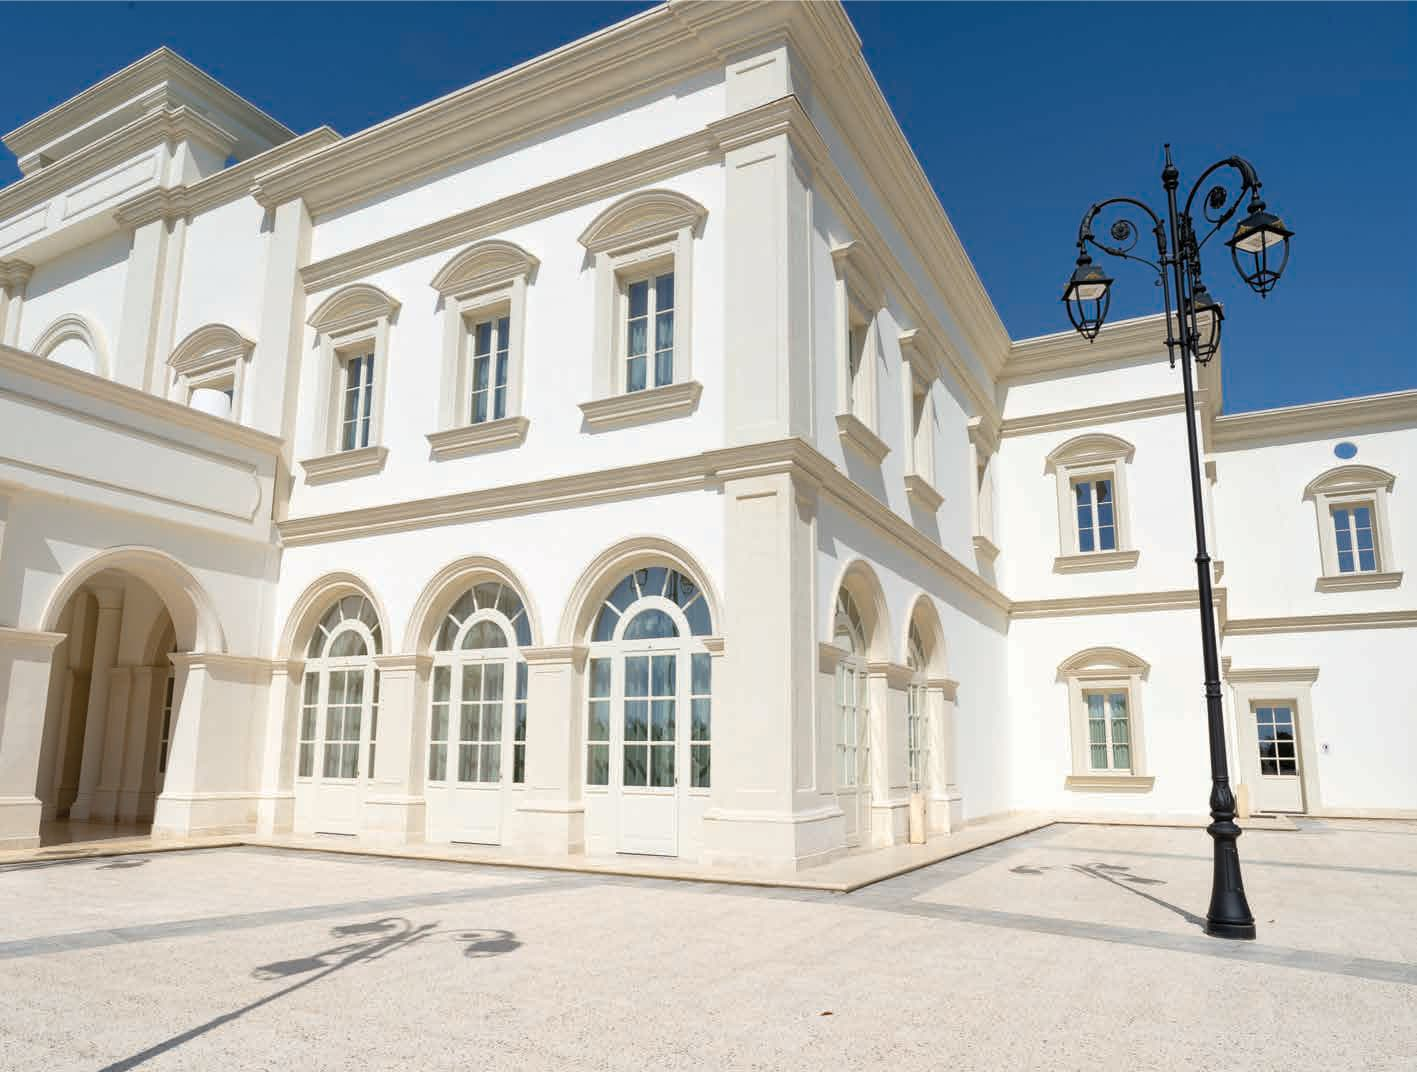 Palazzina bianca, stile Barocco, Delfino infissi in legno Bianchi